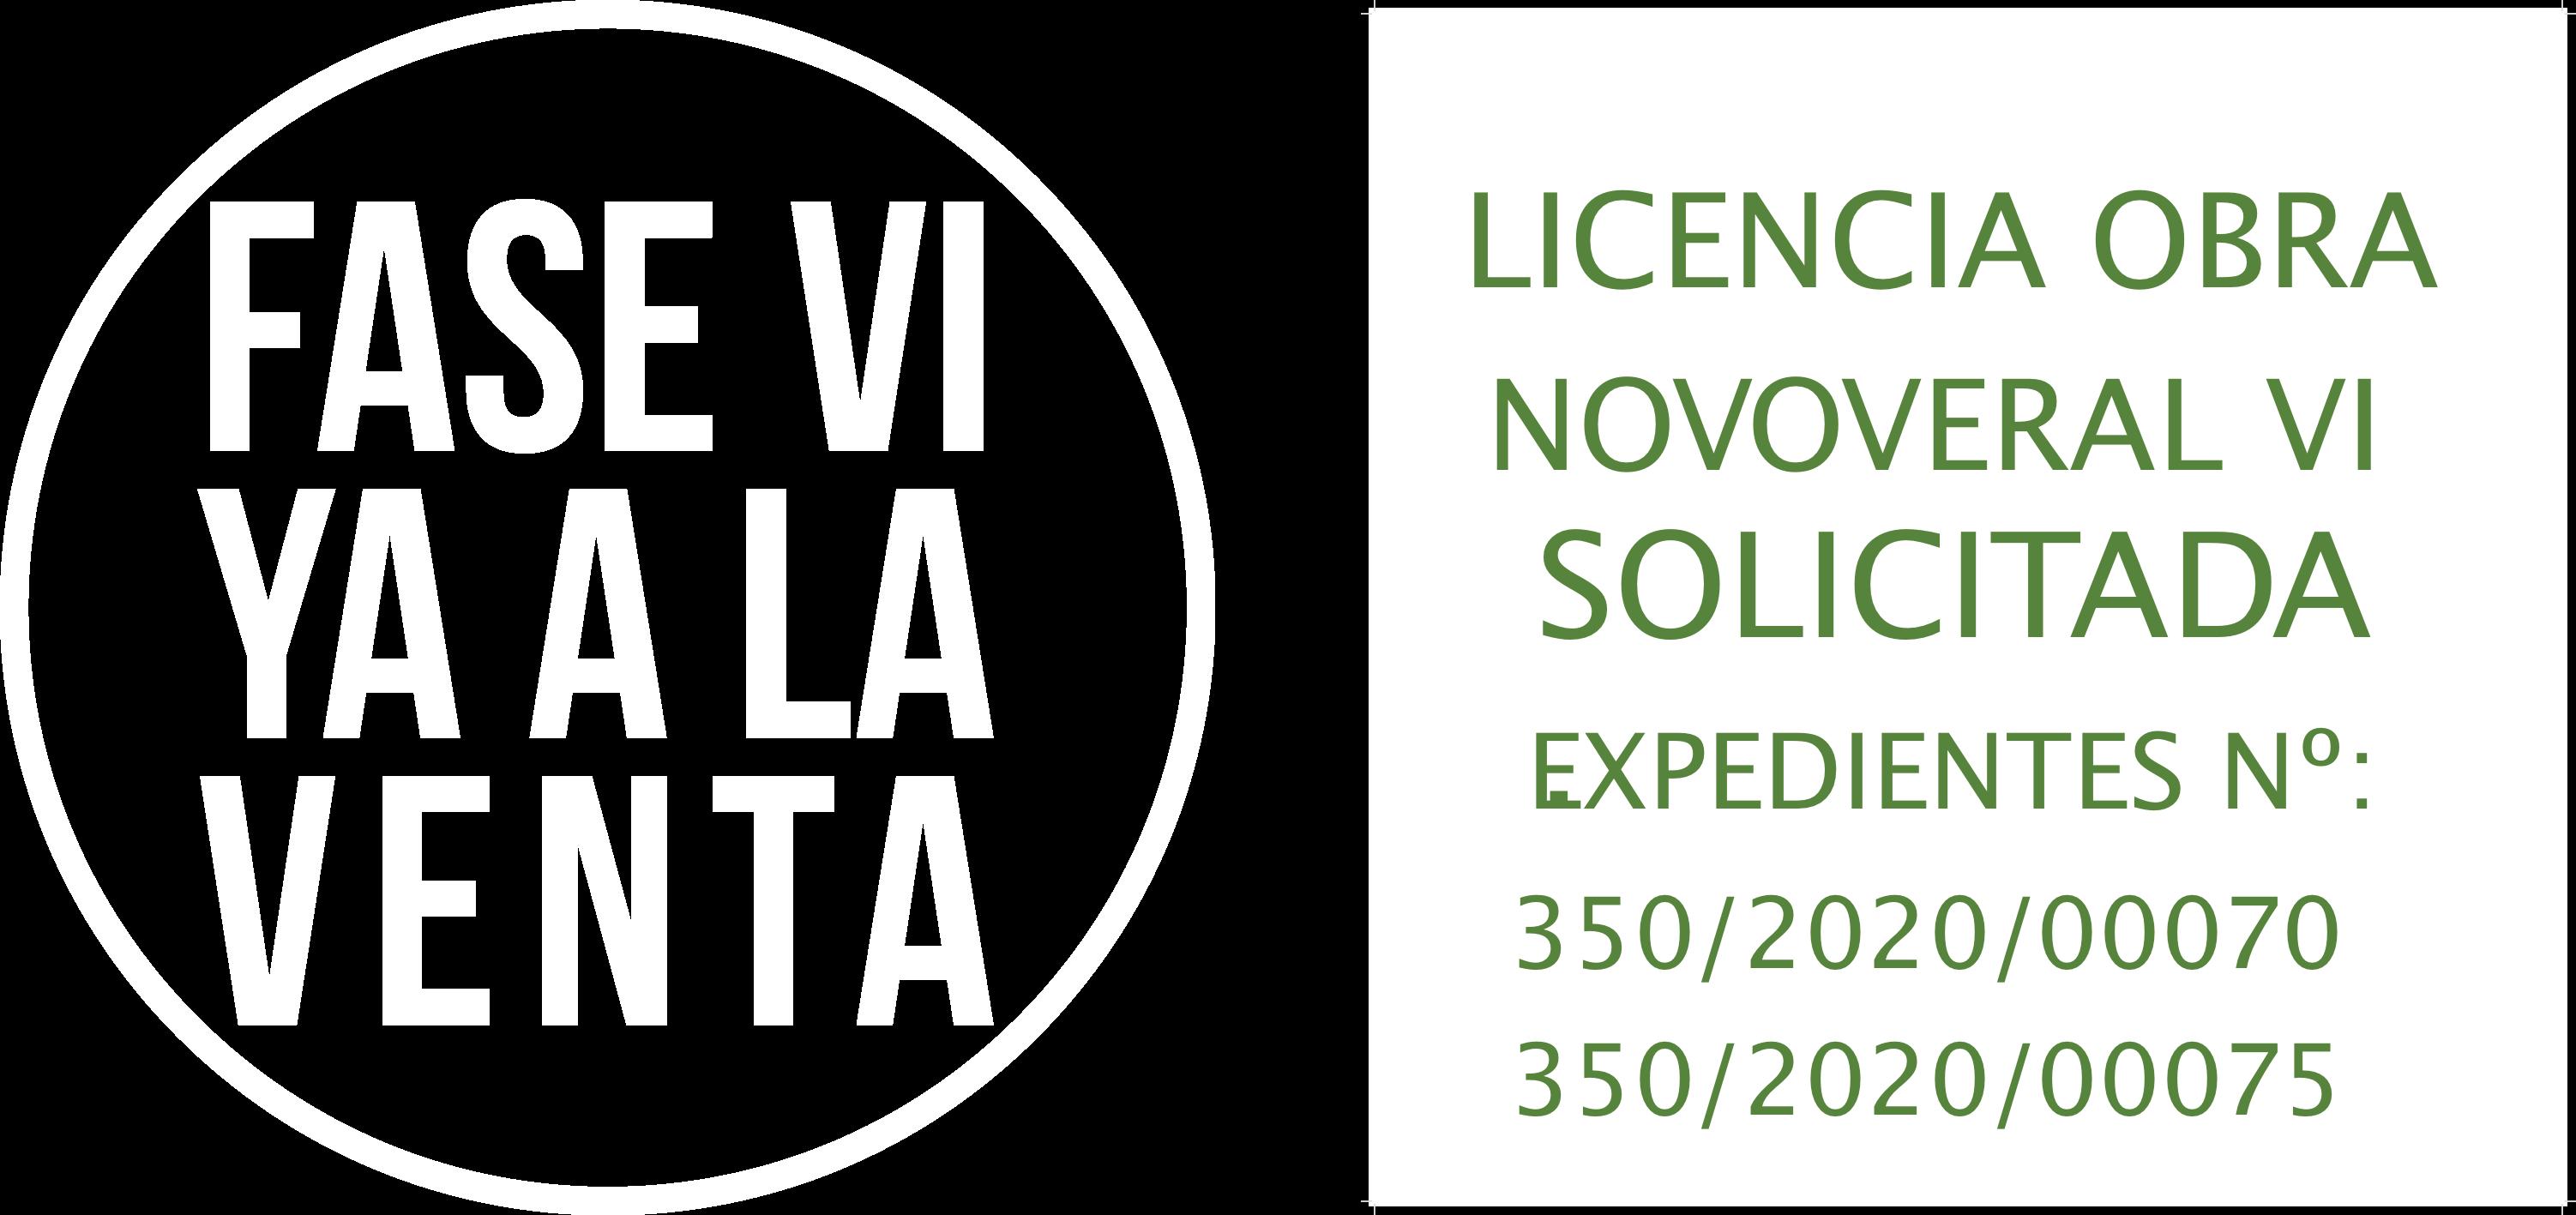 Novoveral6 ya a la venta